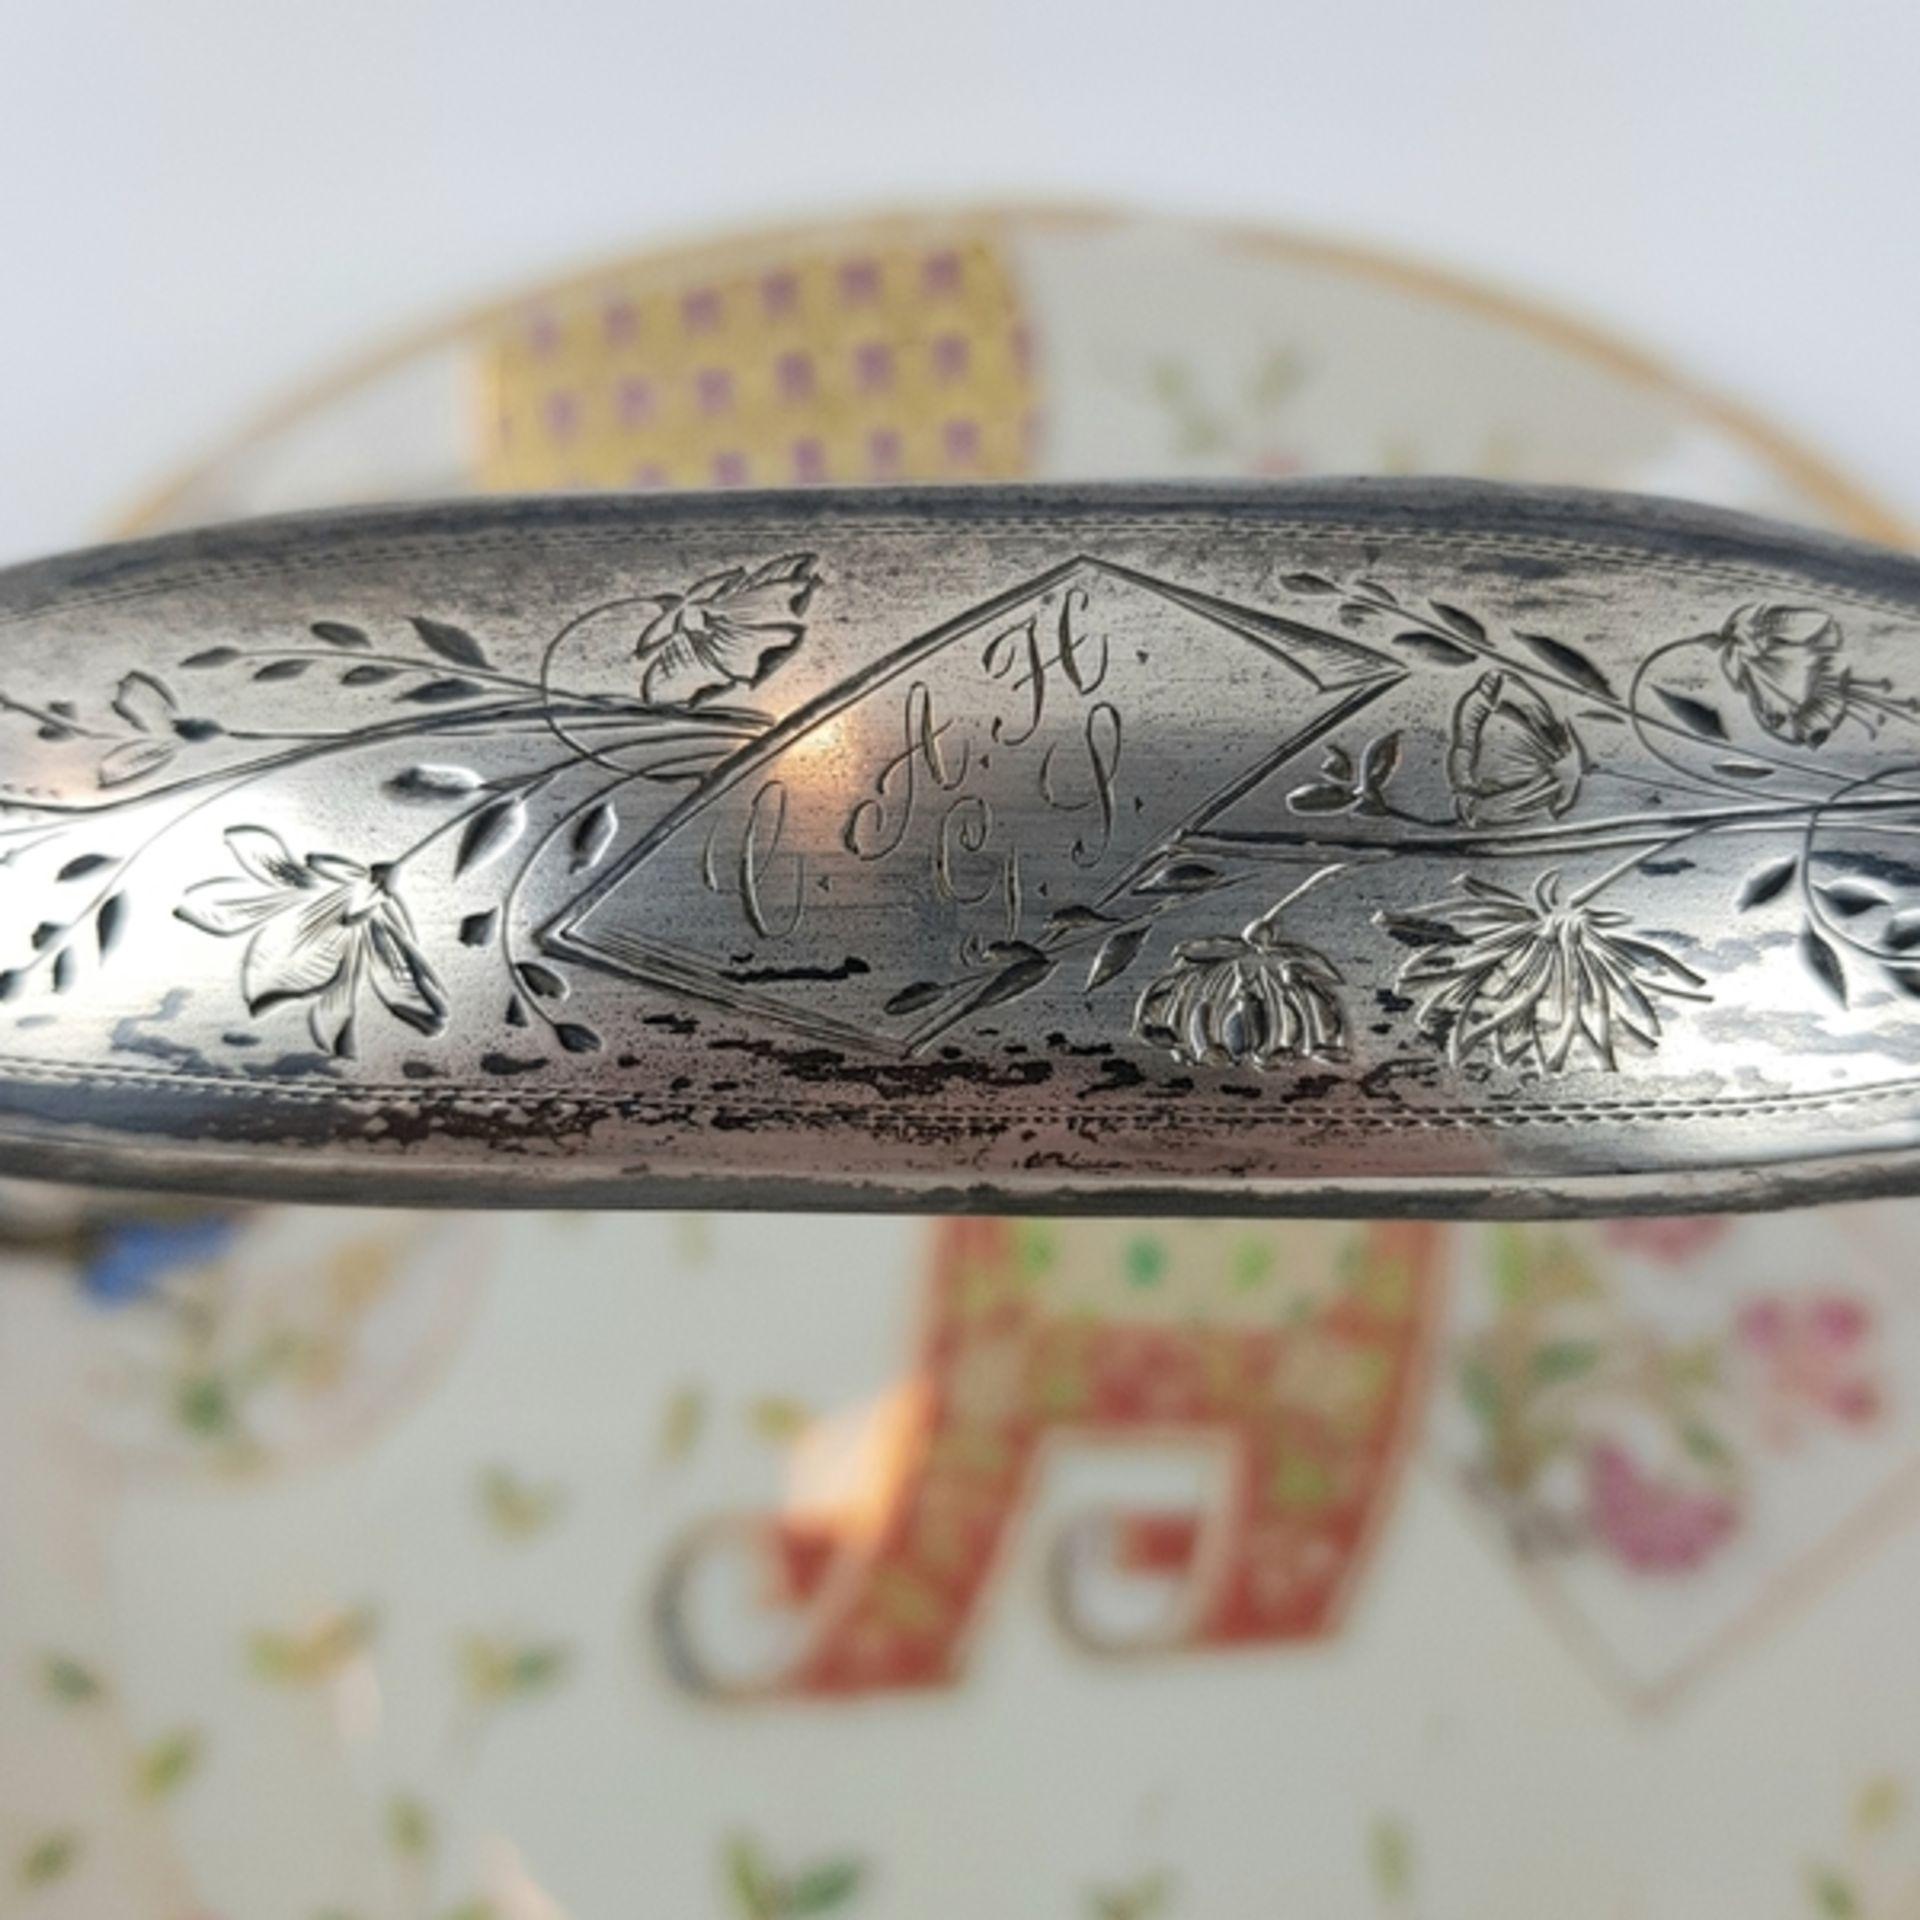 (Antiek) Serveerschaal met zilveren hengselBeschilderde opaline schaal met zilveren hengsel, ci - Image 5 of 8